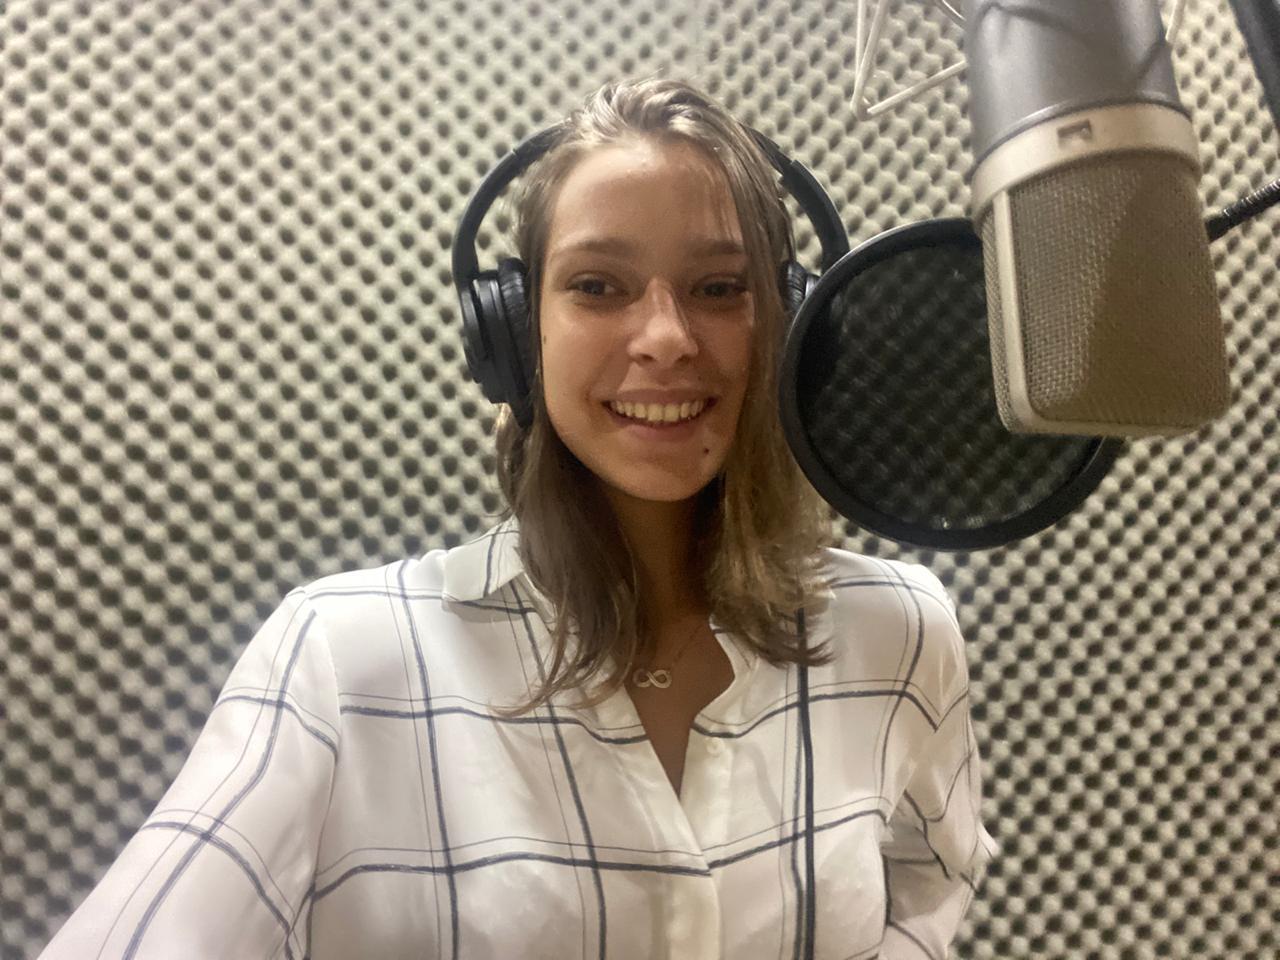 Sofia gravação de voz